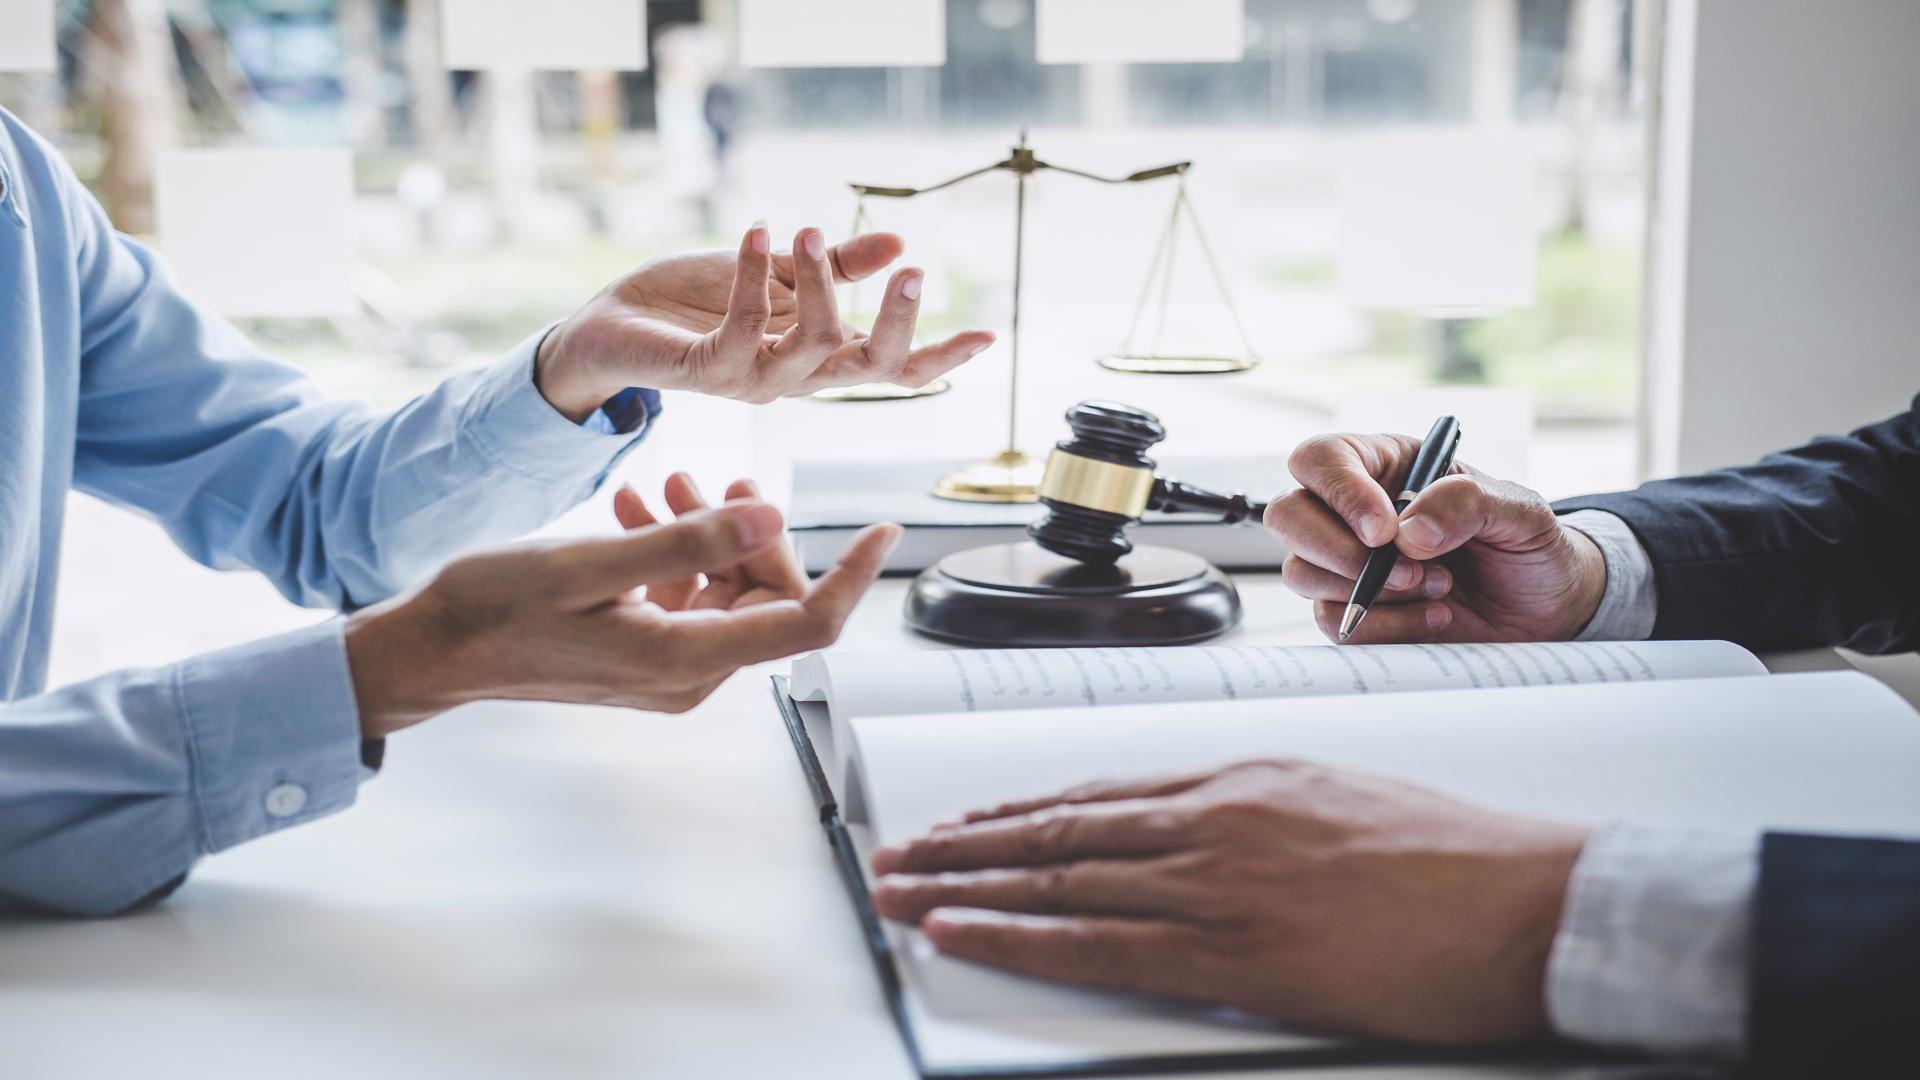 שירותי עורך דין דיני עבודה לעובדים